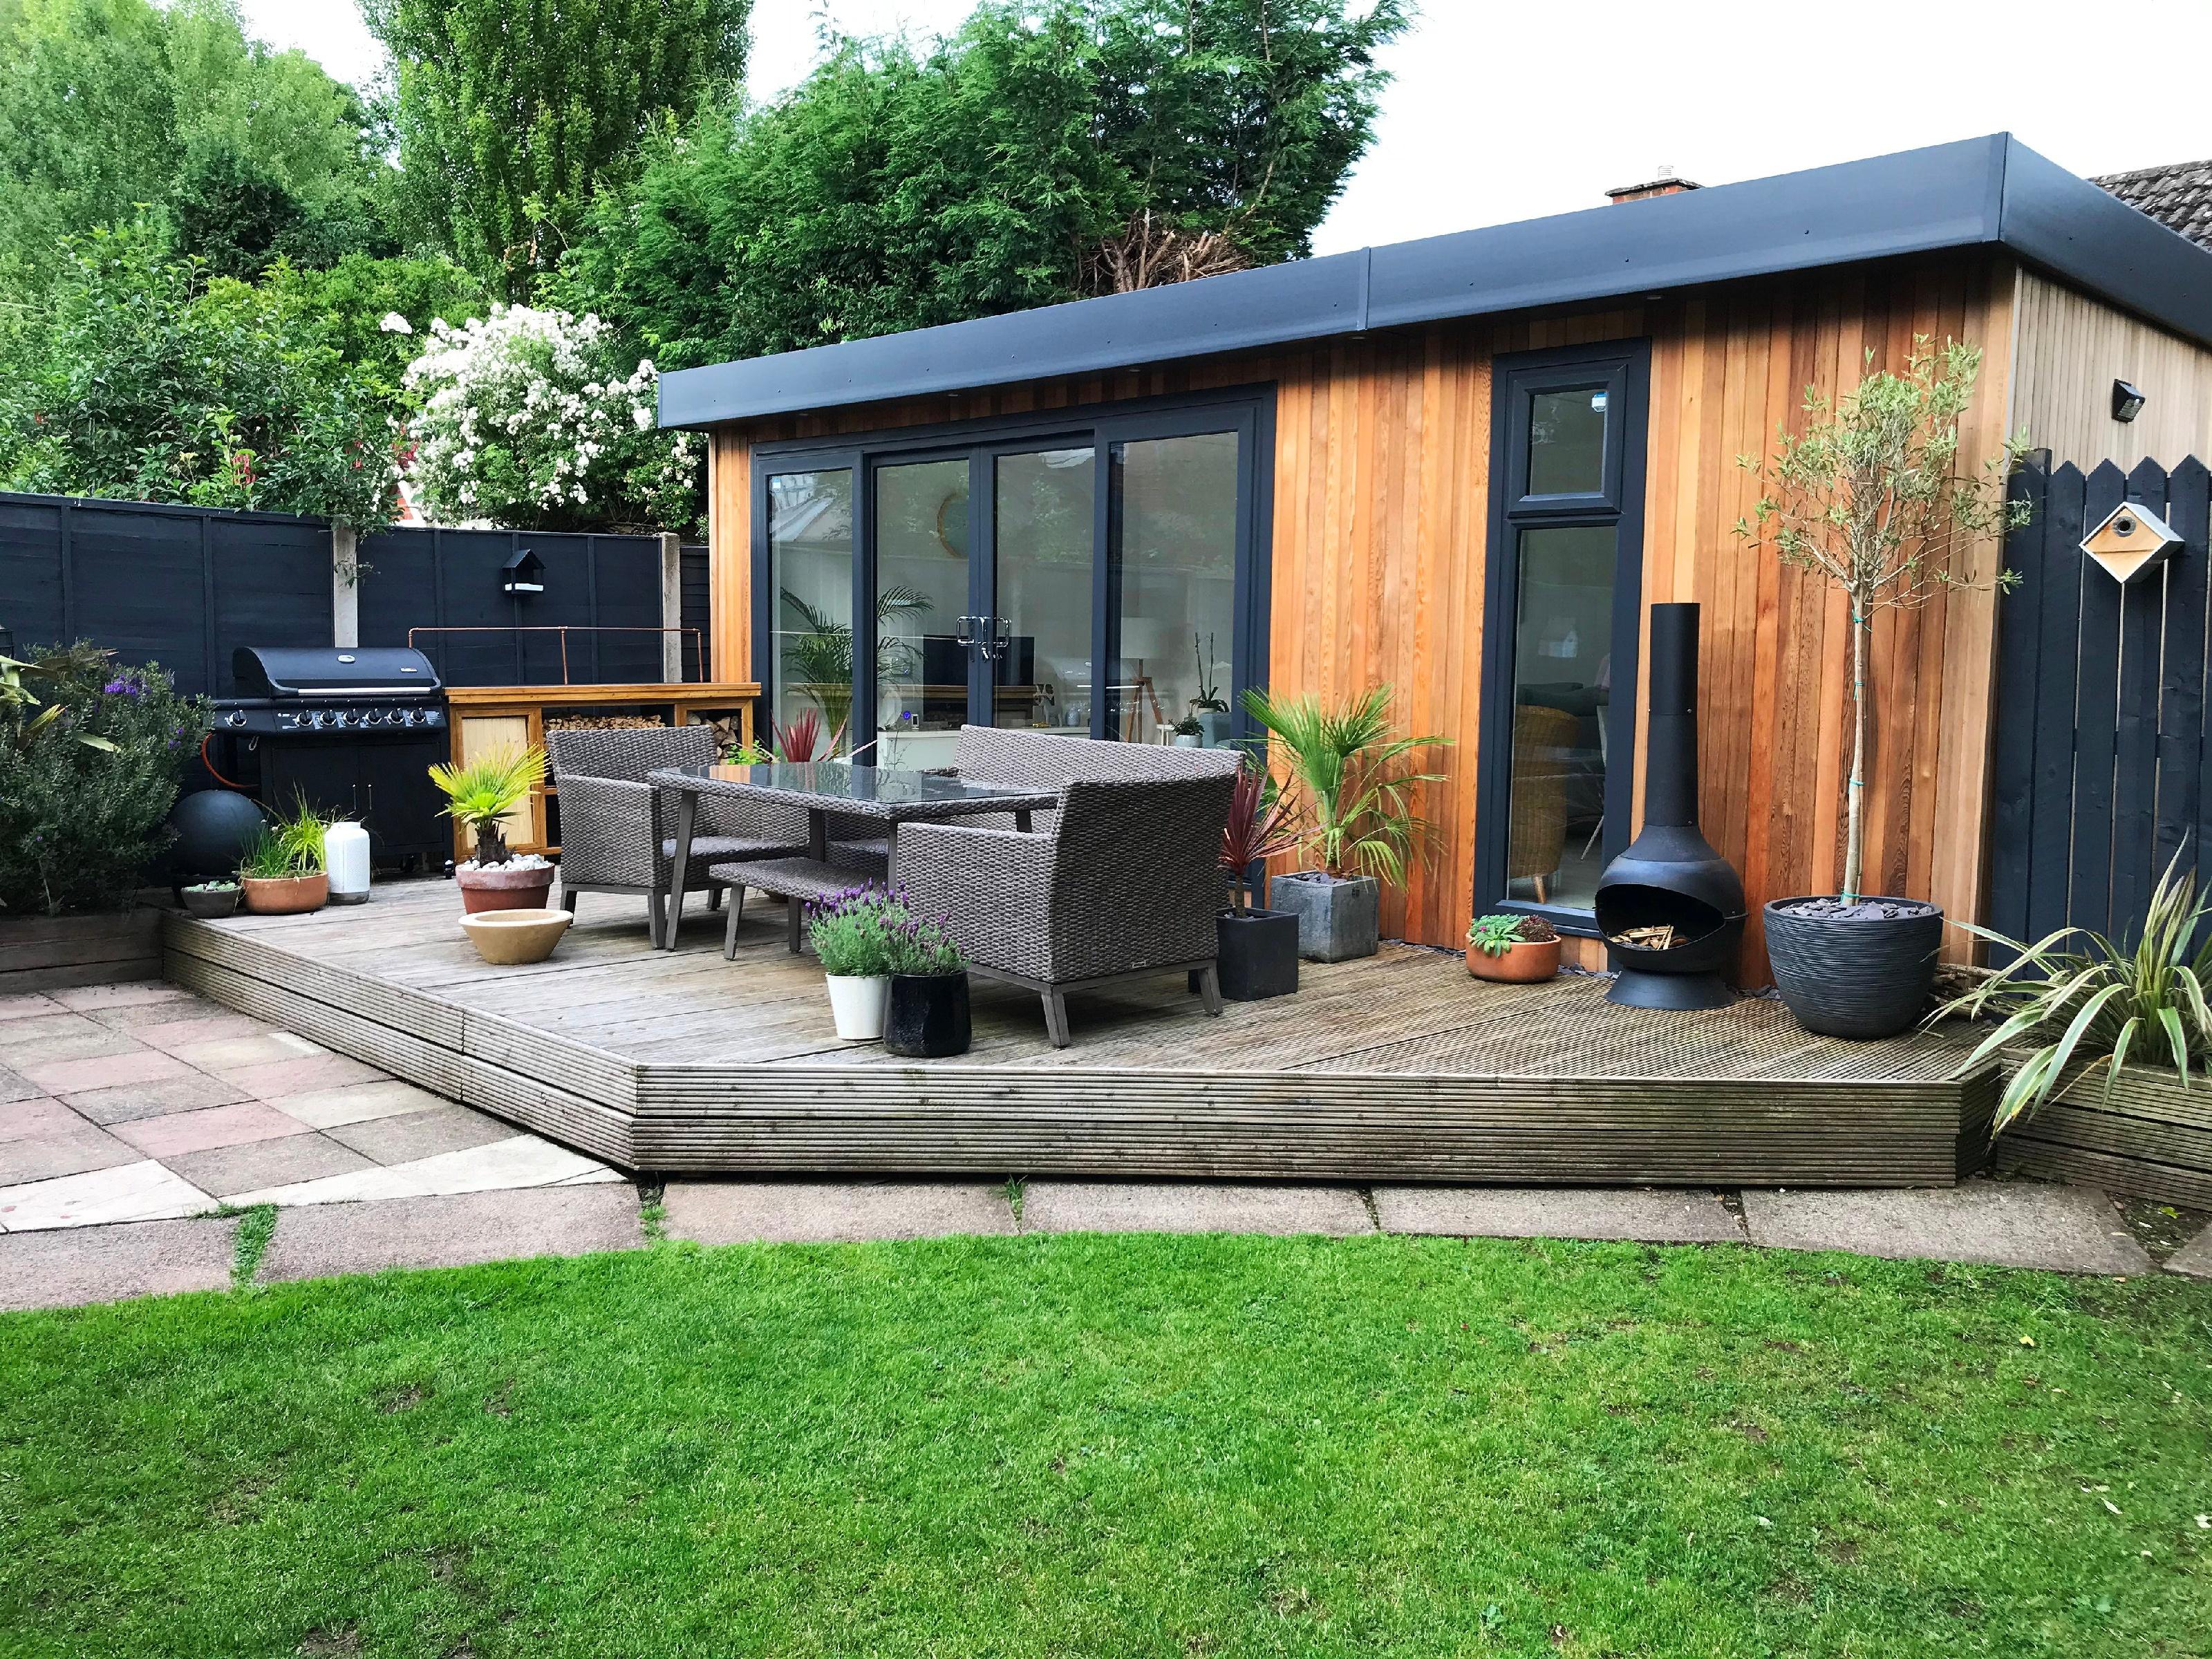 Contemporary garden rooms for family entertaining